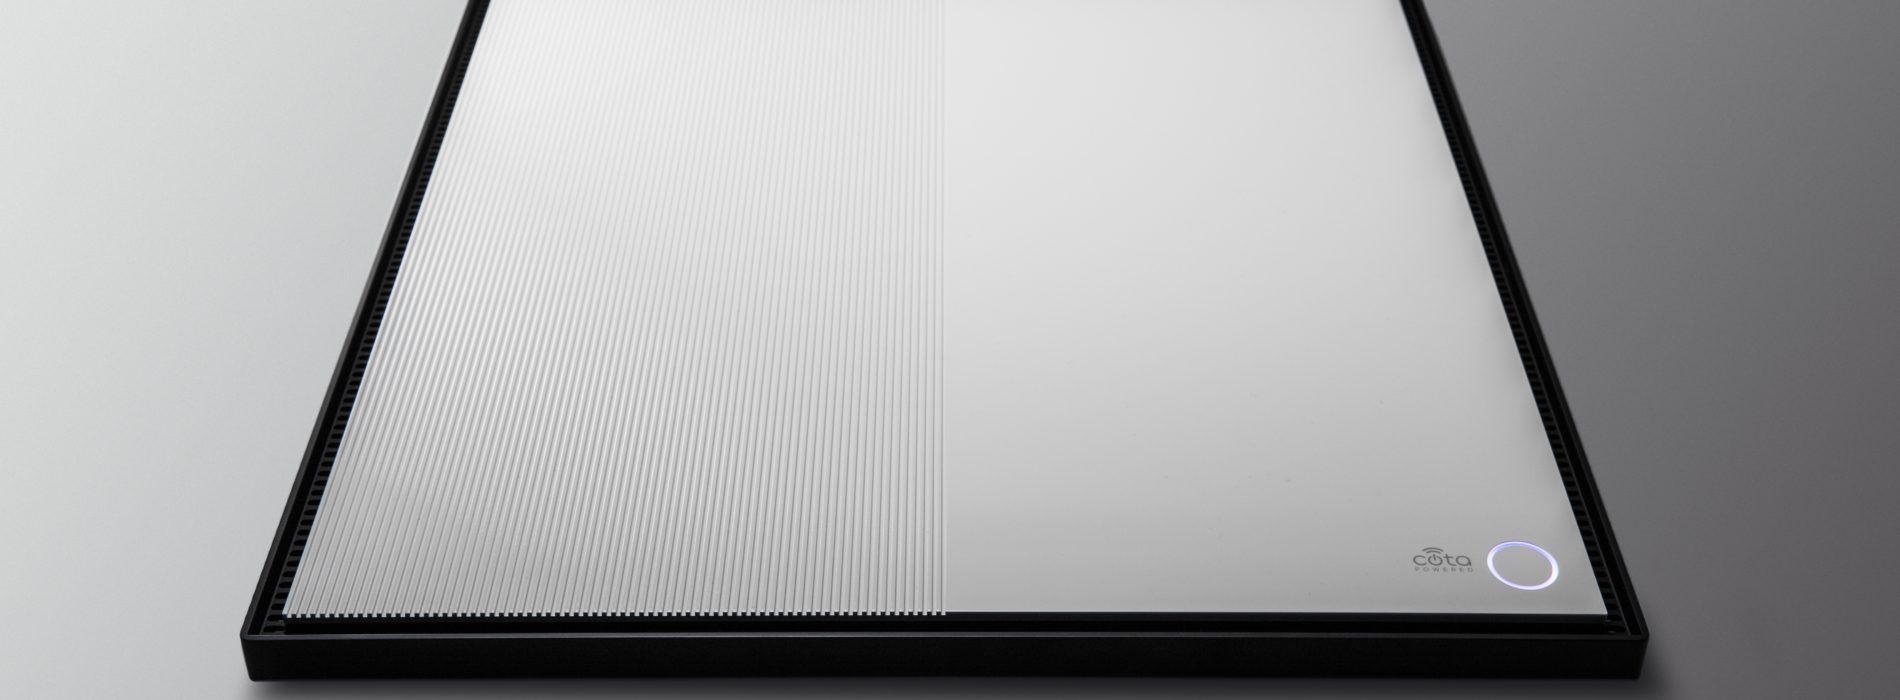 Cota Tile, un azulejo para cargar dispositivos electrónicos